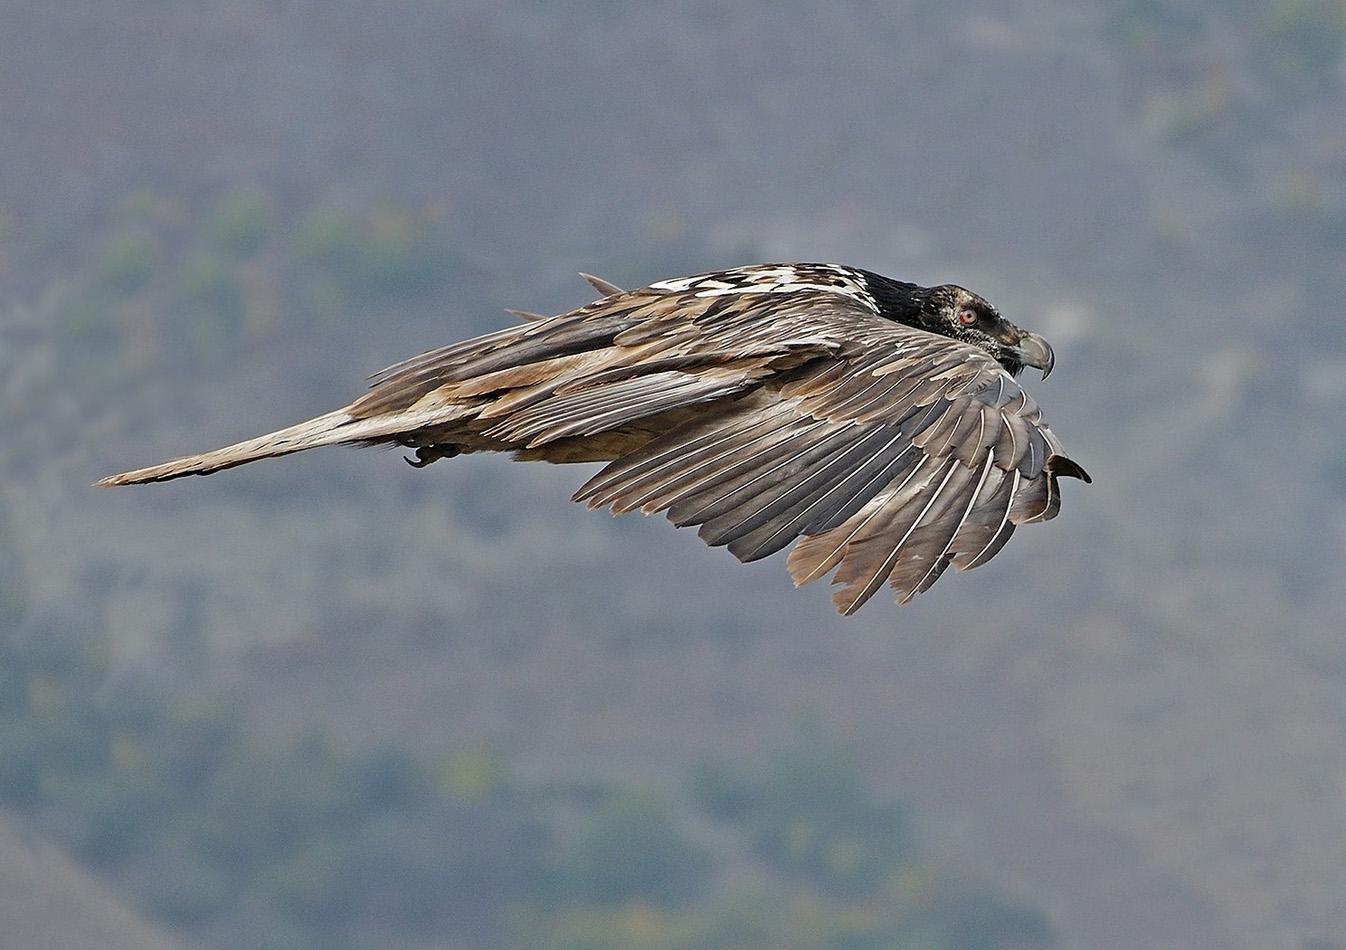 """фото """"Планер"""" метки: природа, бородач, взгляд, дикие животные, крылья, полет"""